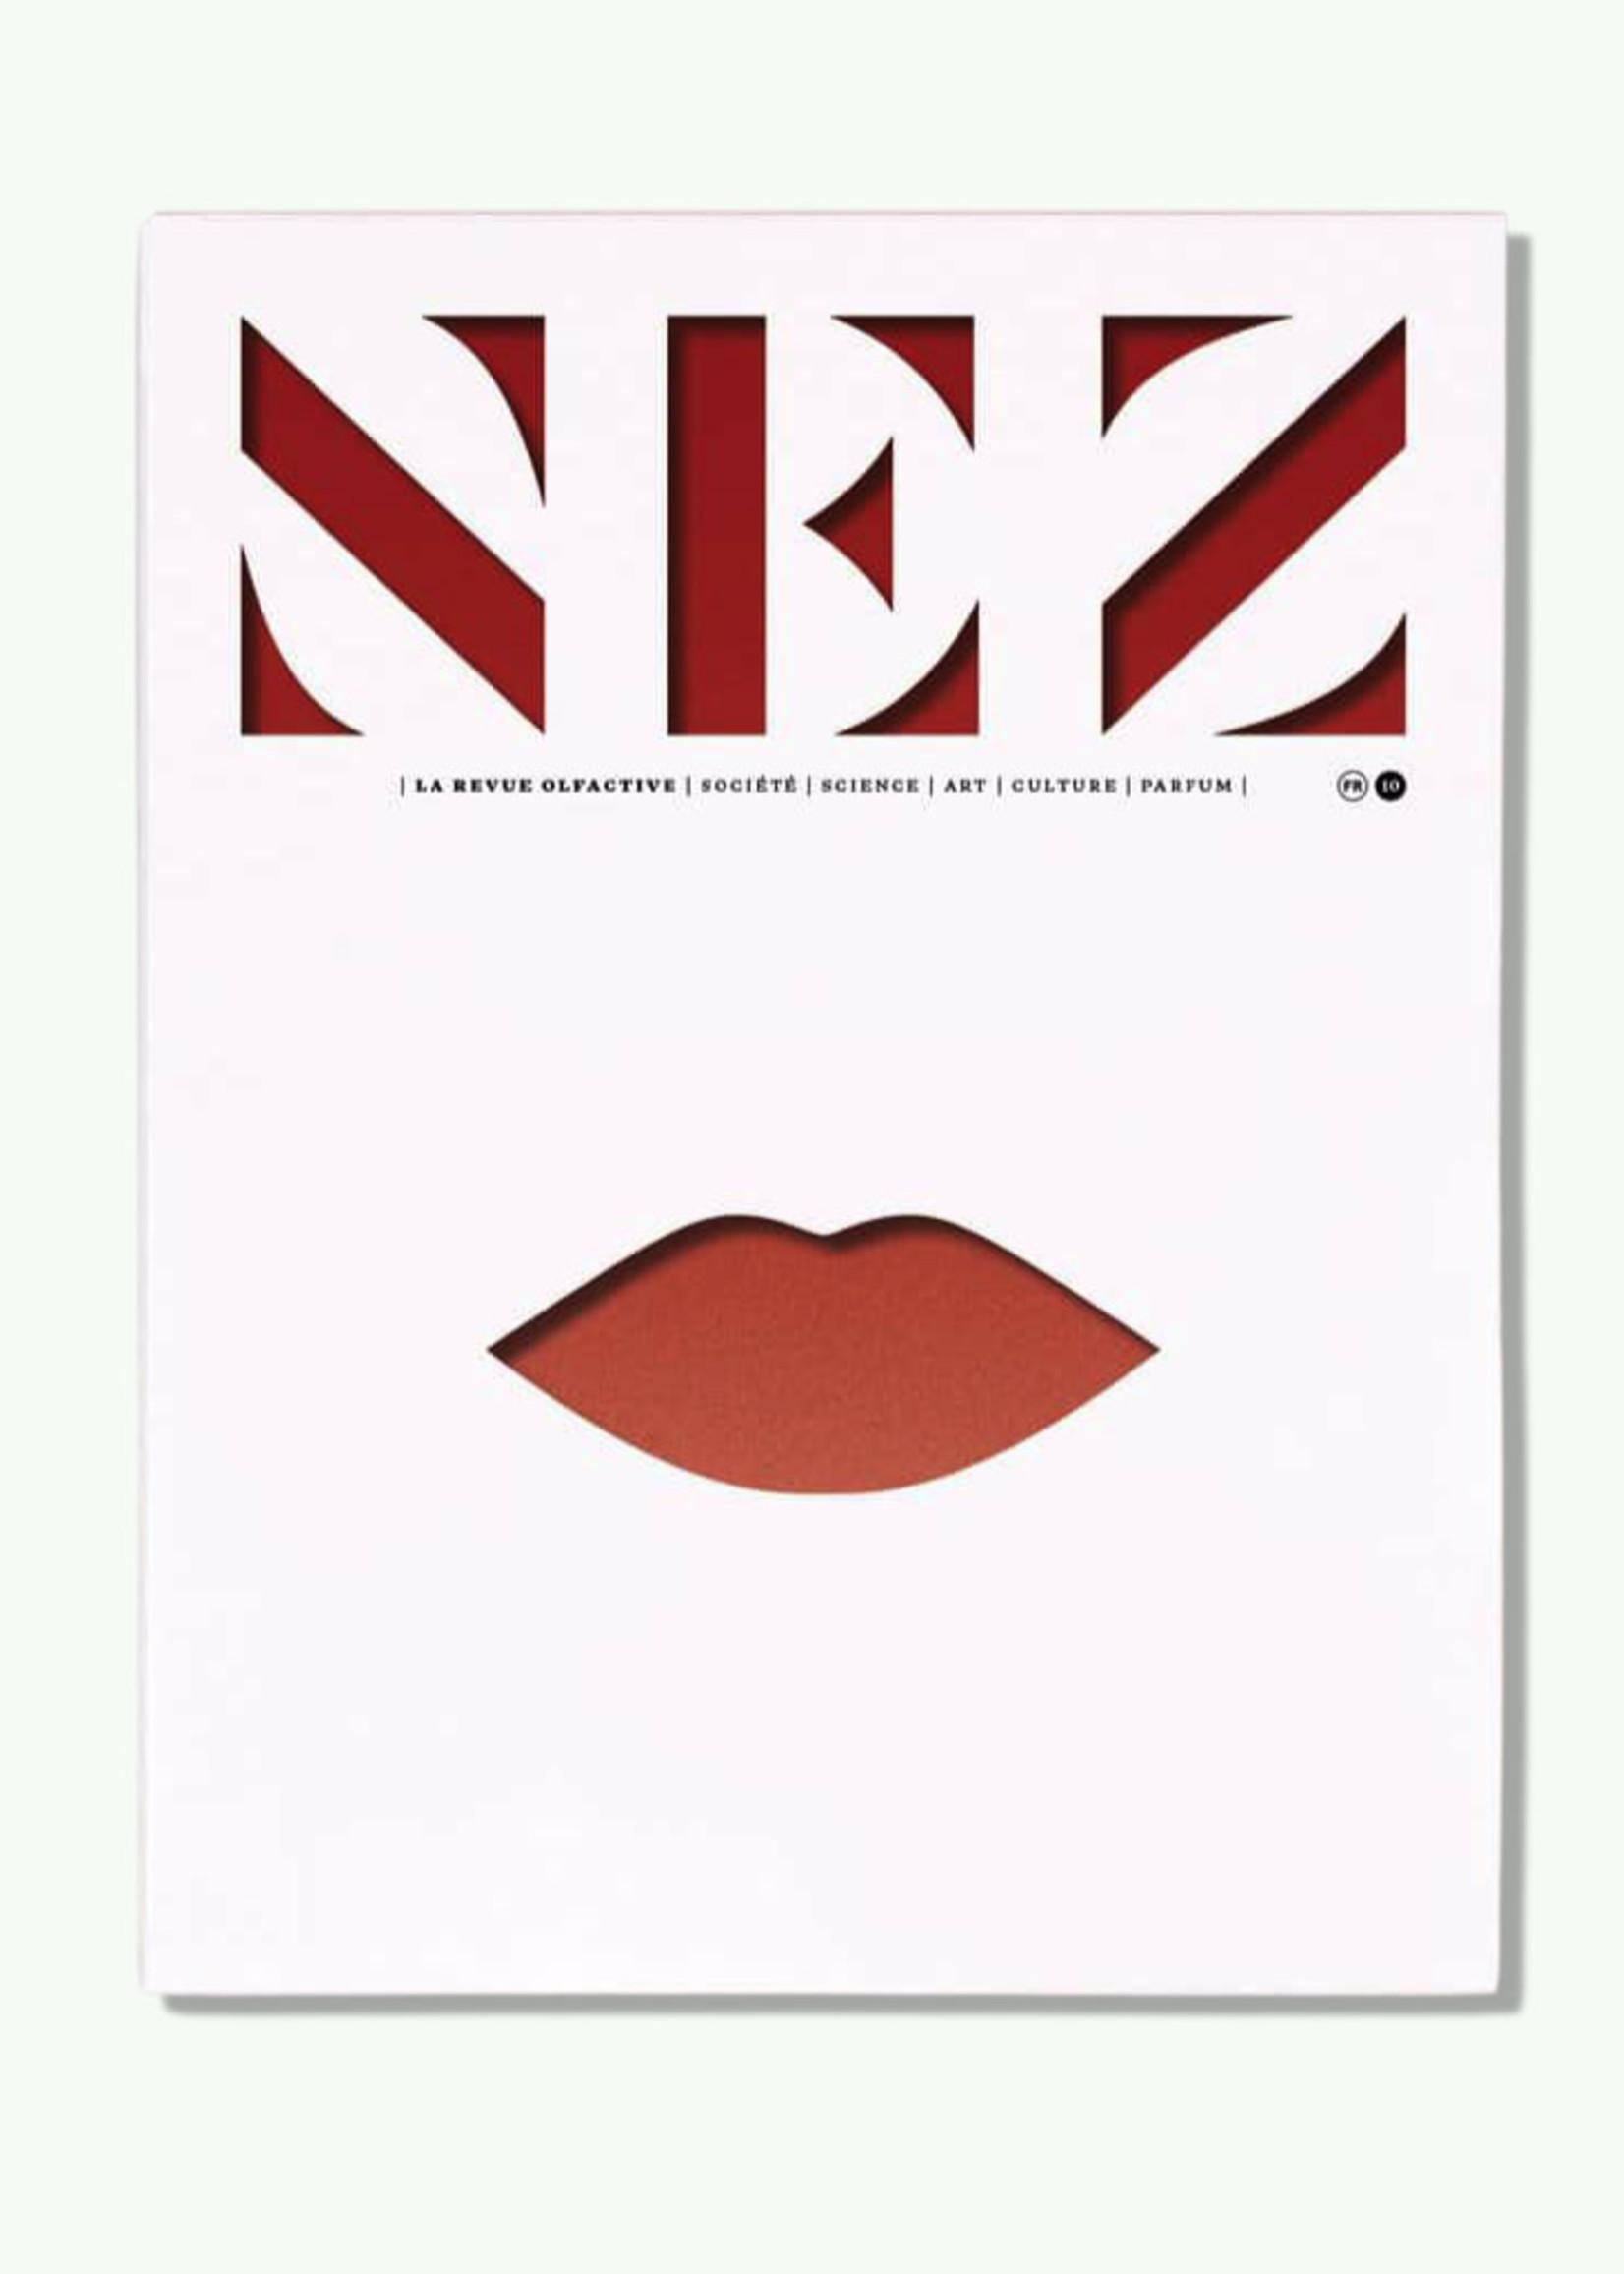 NEZ la revue olfactive NEZ n°10 - The Olfactory Magazine